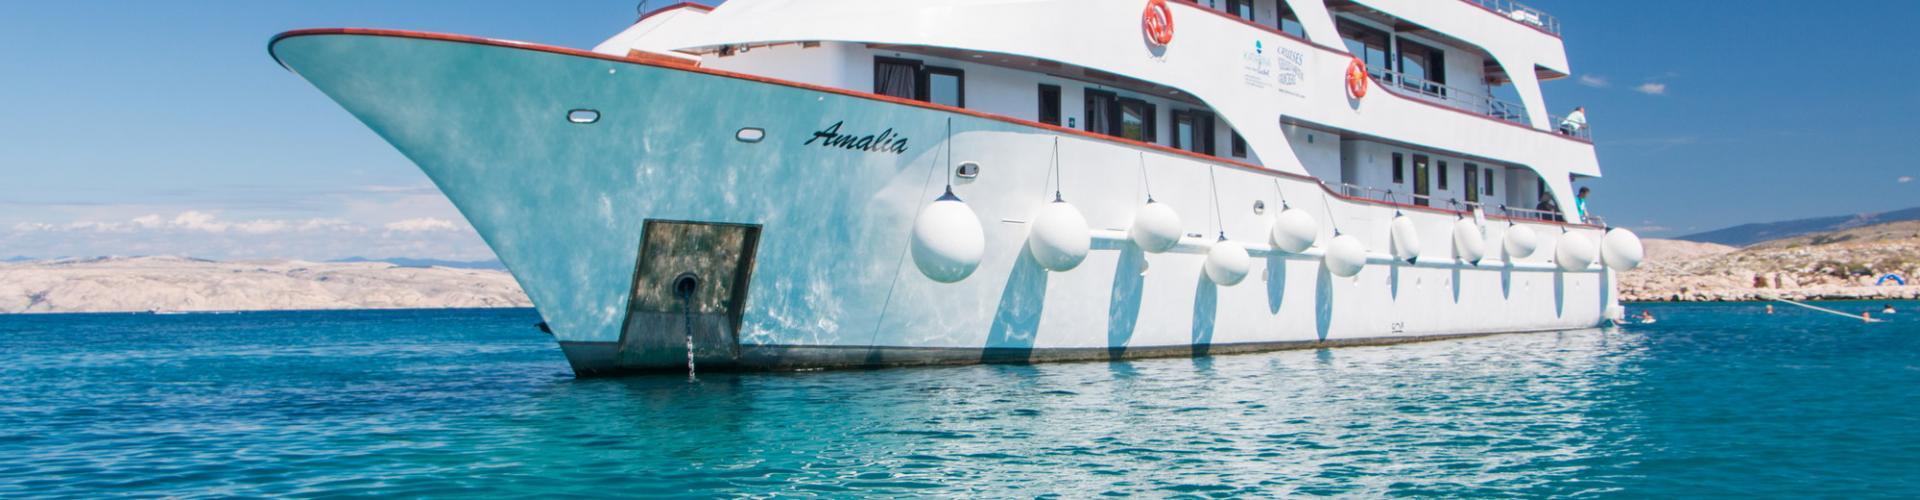 Premium Superior nave da crociera MV Amalia- yacht a motore